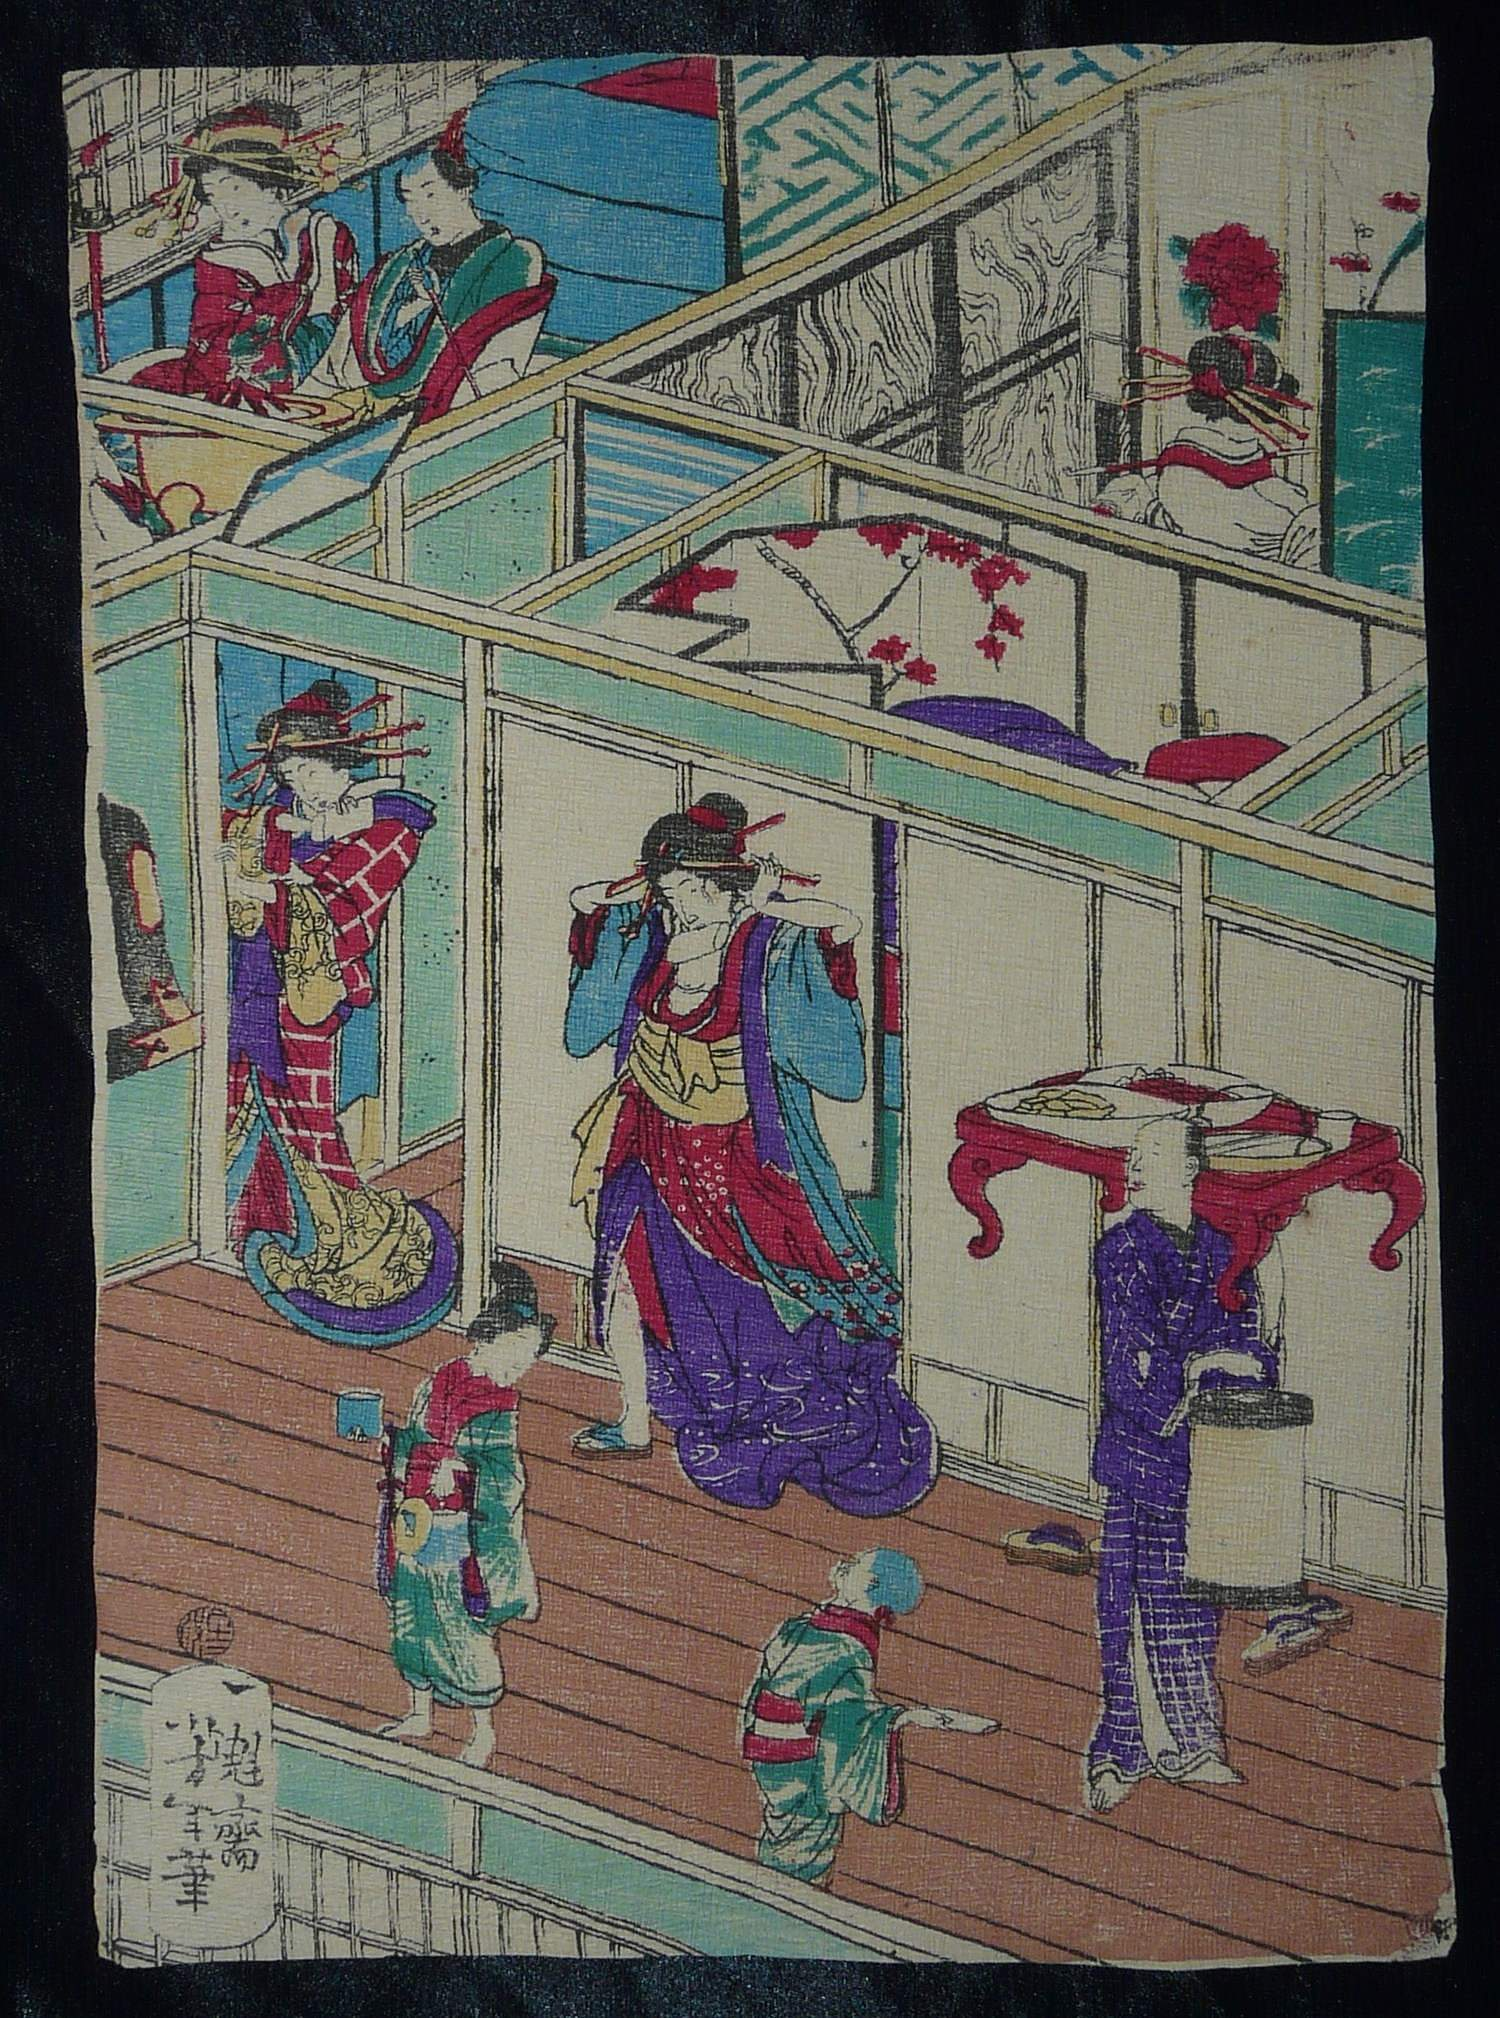 TAISO YOSHITOSHI: #P3797 TOKYO GIRA ICHIRAN - A GEISHA HOUSE IN TOKYO DATED 1867